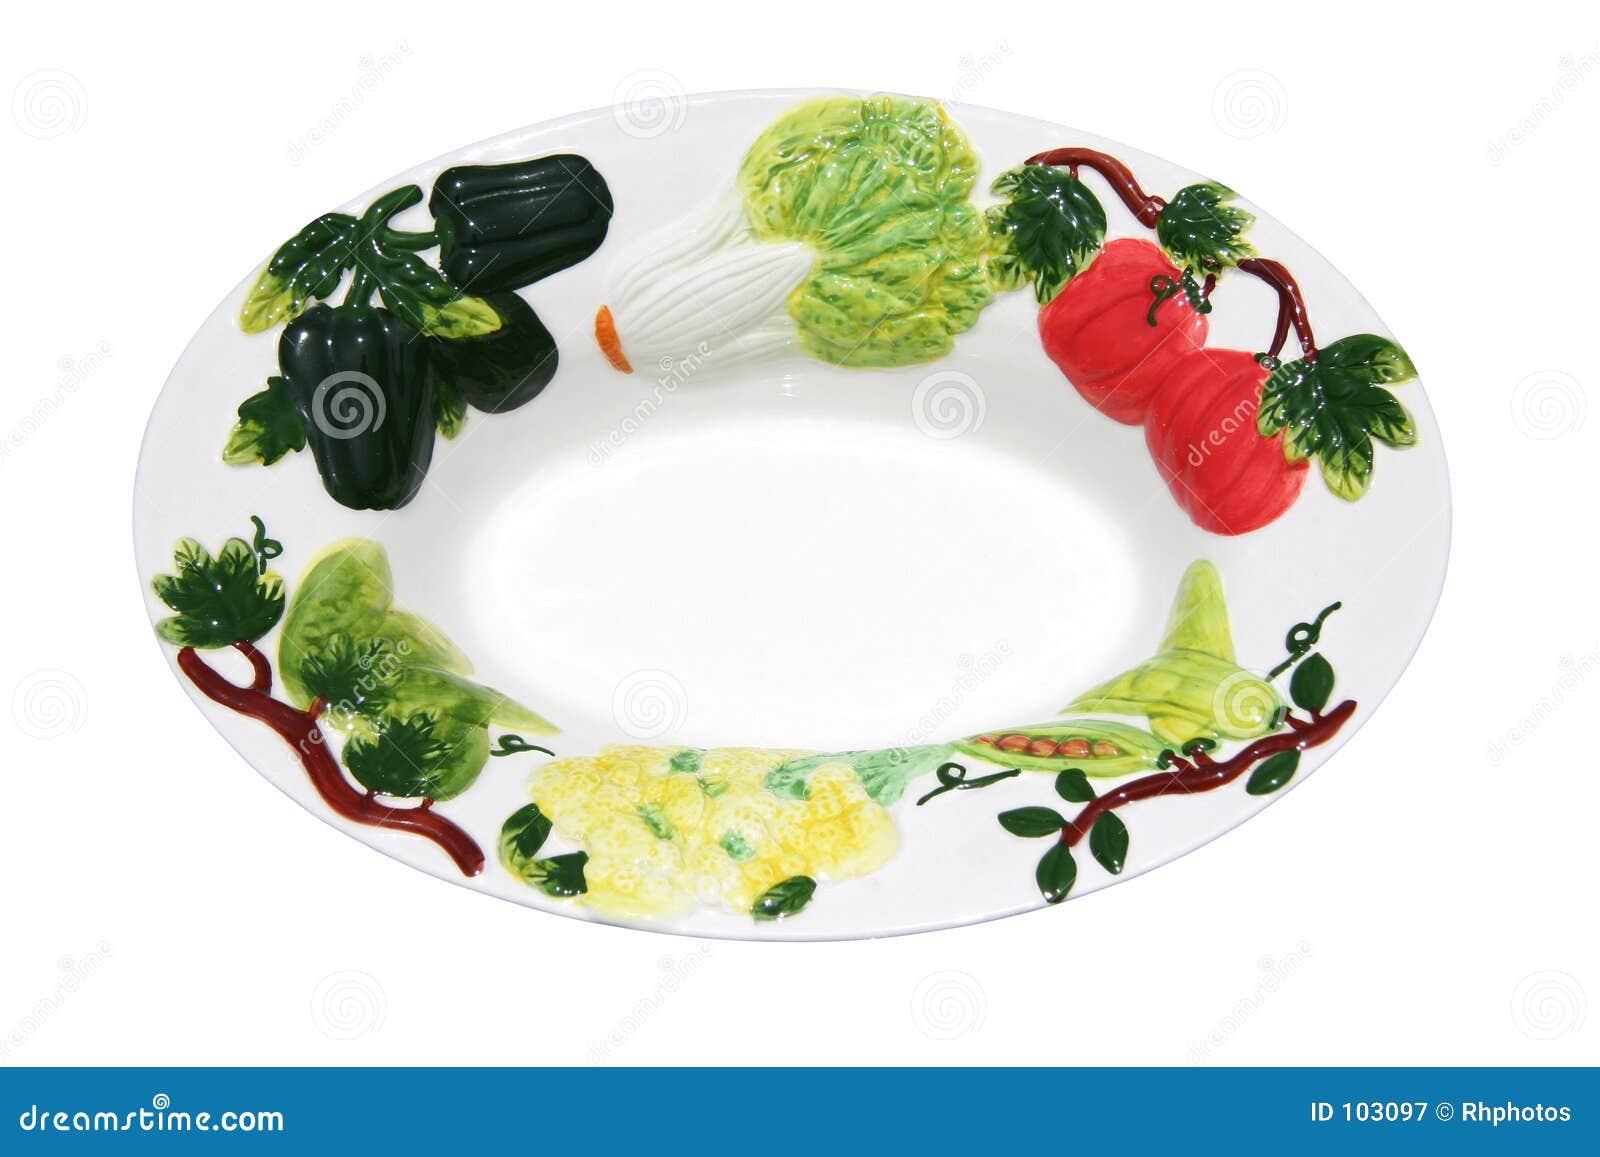 Schüssel verziert mit Gemüse